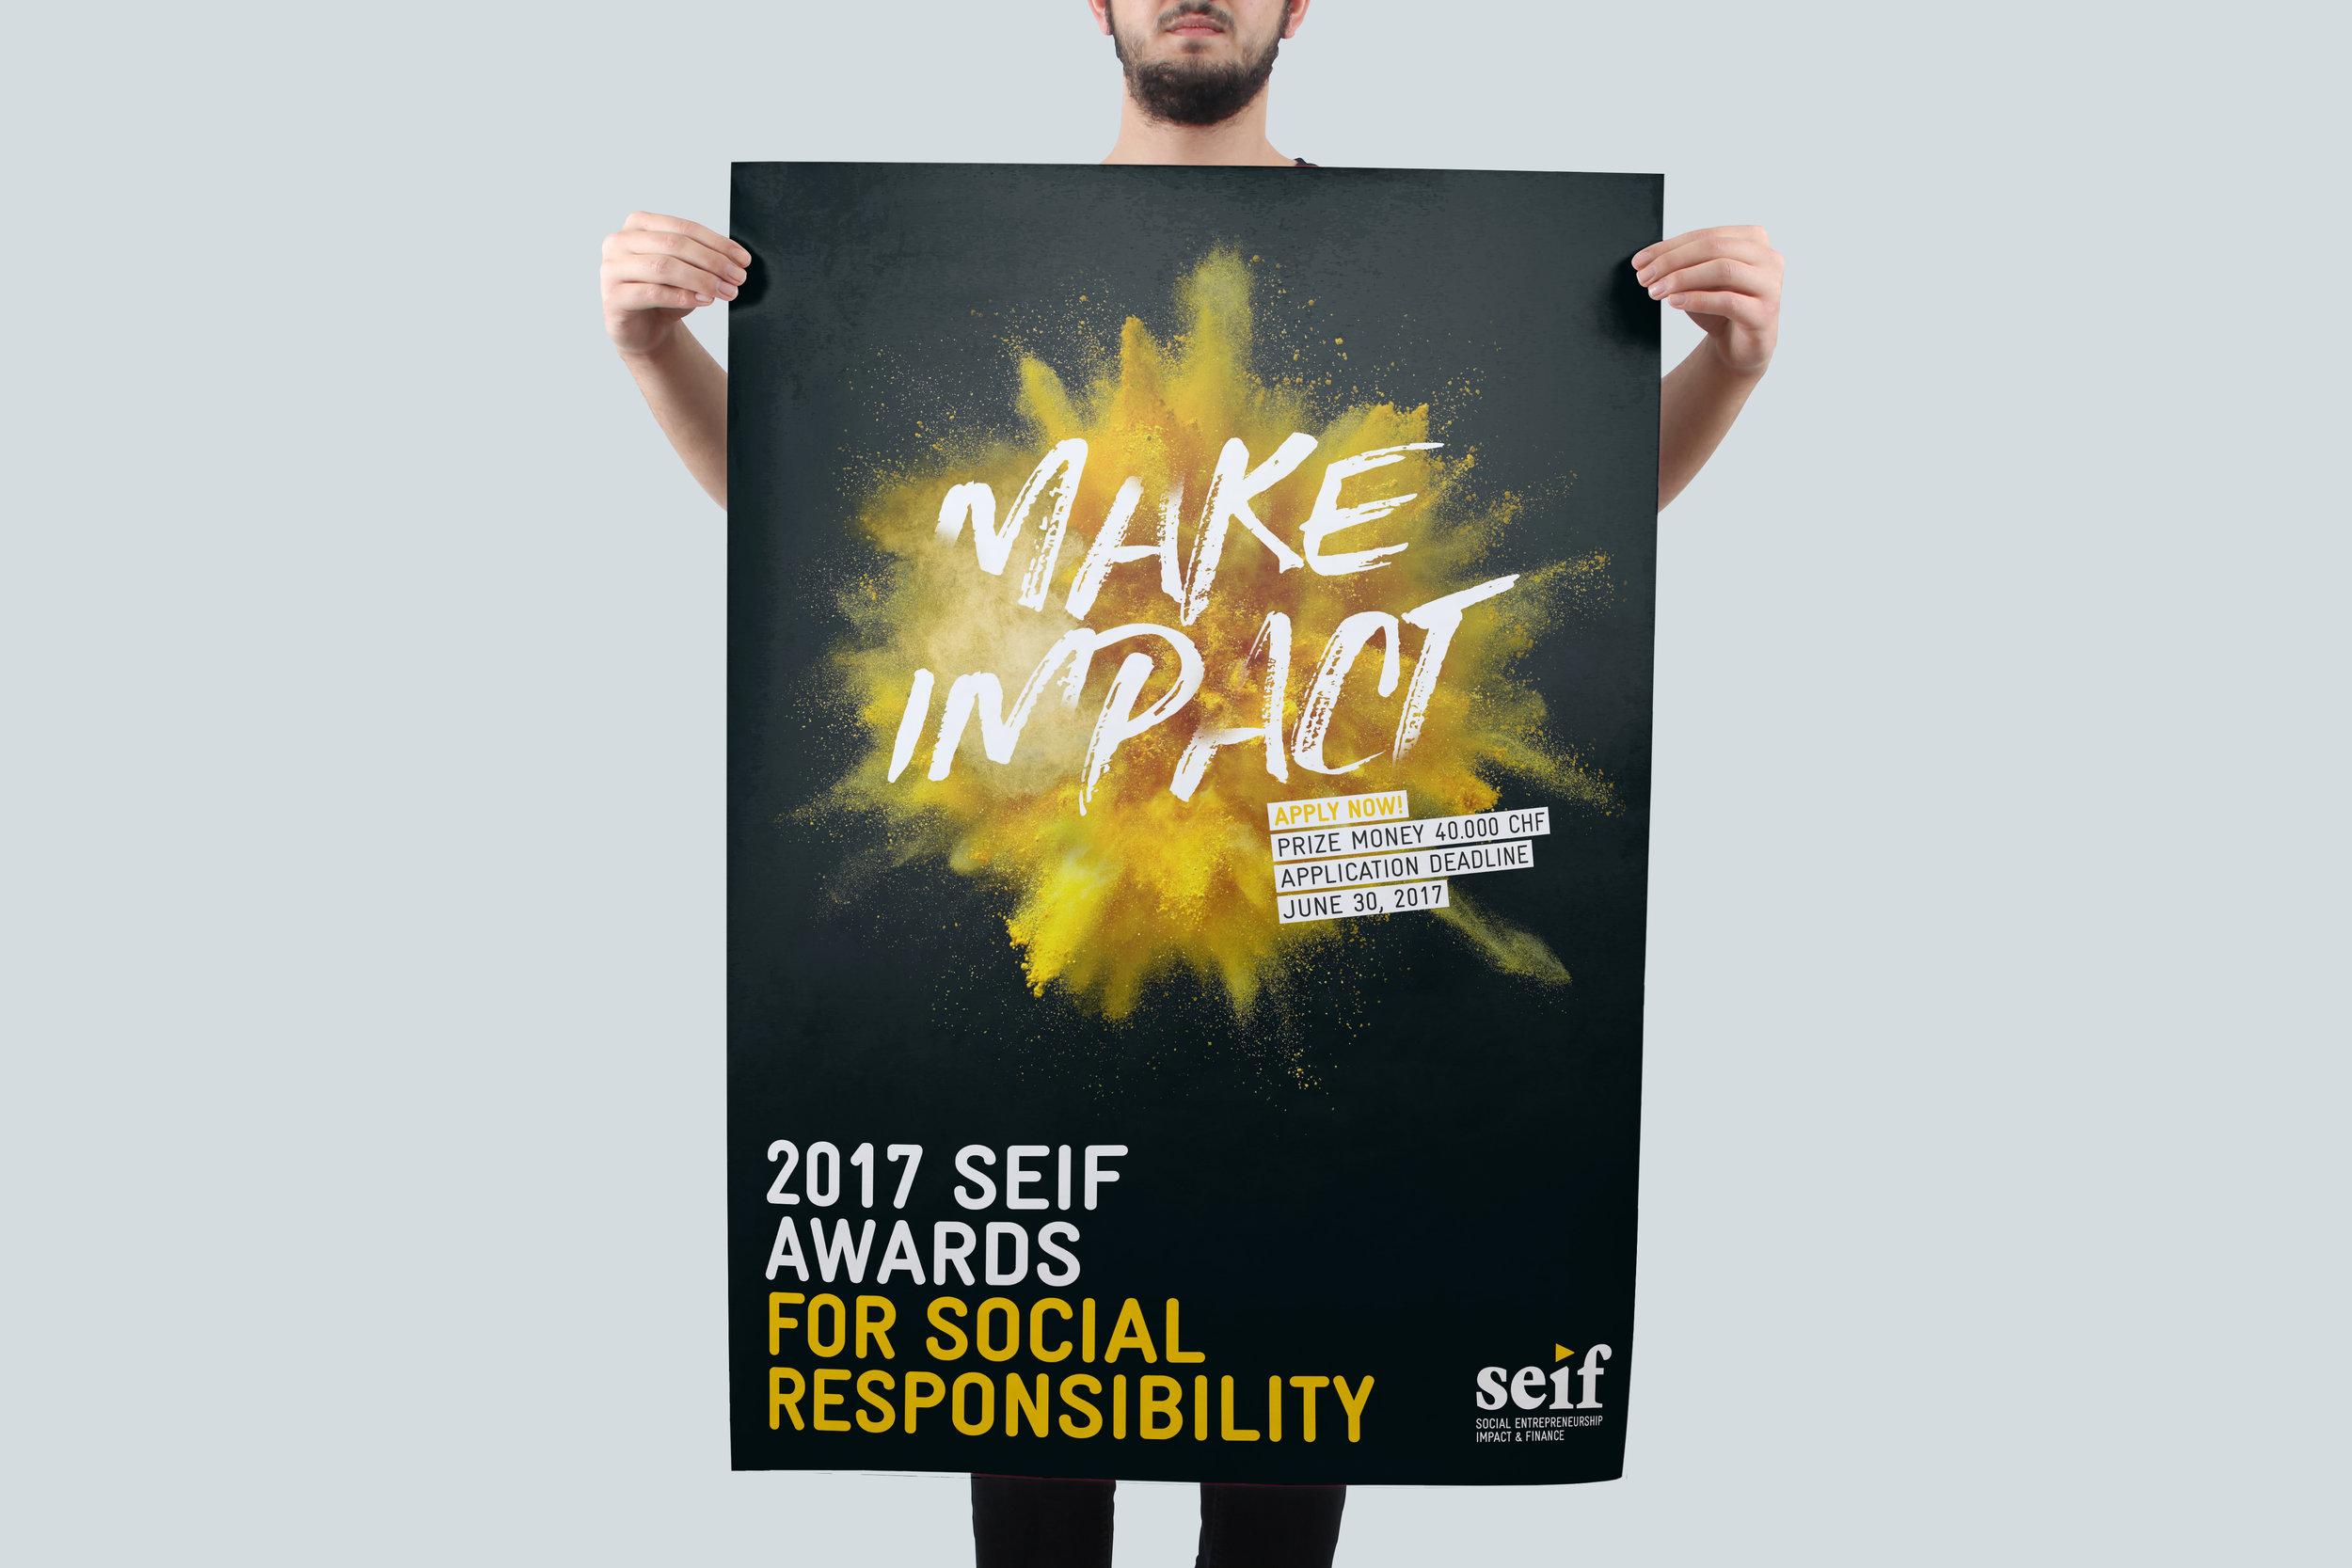 Das Plakat für den Seif Event ist explosiv geworden.